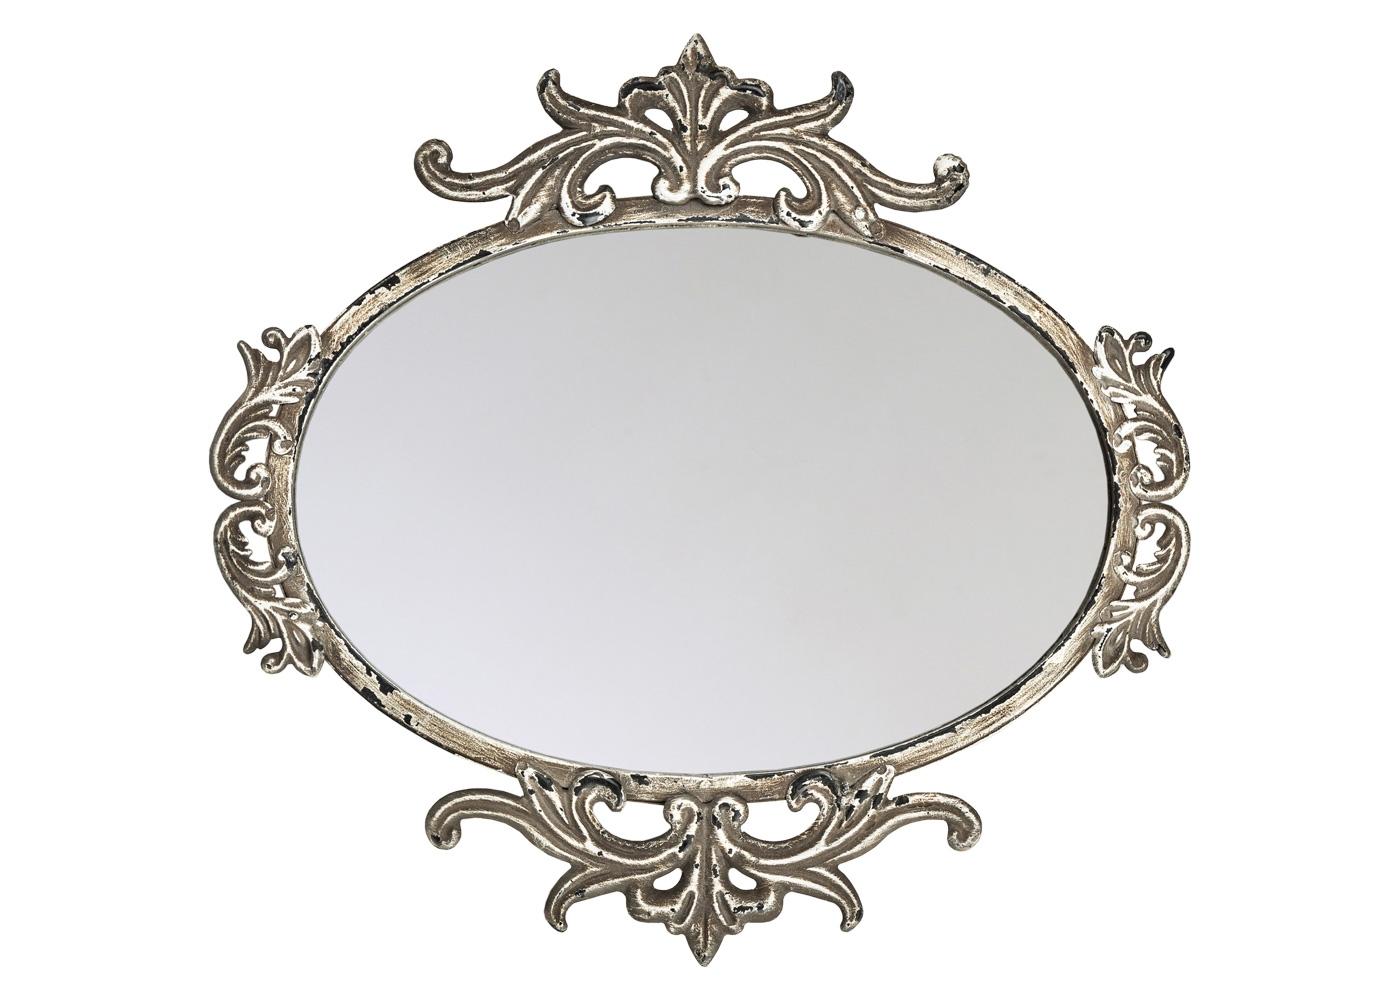 Настенное зеркало «Дюшесс»Настенные зеркала<br>Настенное зеркало &amp;quot;Дюшесс&amp;quot; украшено кропотливым дворцовым узором. Оно уверенно займет место в любом из домашних помещений: ванной комнате, спальне, гостиной, столовой, прихожей, холле. Являясь прямым наследником французского классицизма, зеркало &amp;quot;Дюшесс&amp;quot; не чуждо интерьерам в жанрах ампира, ренессанса, барокко, рококо, романского стиля.  Зная толк в дизайне, не забывайте и о практических удобствах любимого украшения. Металлические рамы экологичны, прочны, долговечны и неприхотливы в уходе.<br><br>Material: Металл<br>Ширина см: 35.0<br>Высота см: 36<br>Глубина см: 2.0